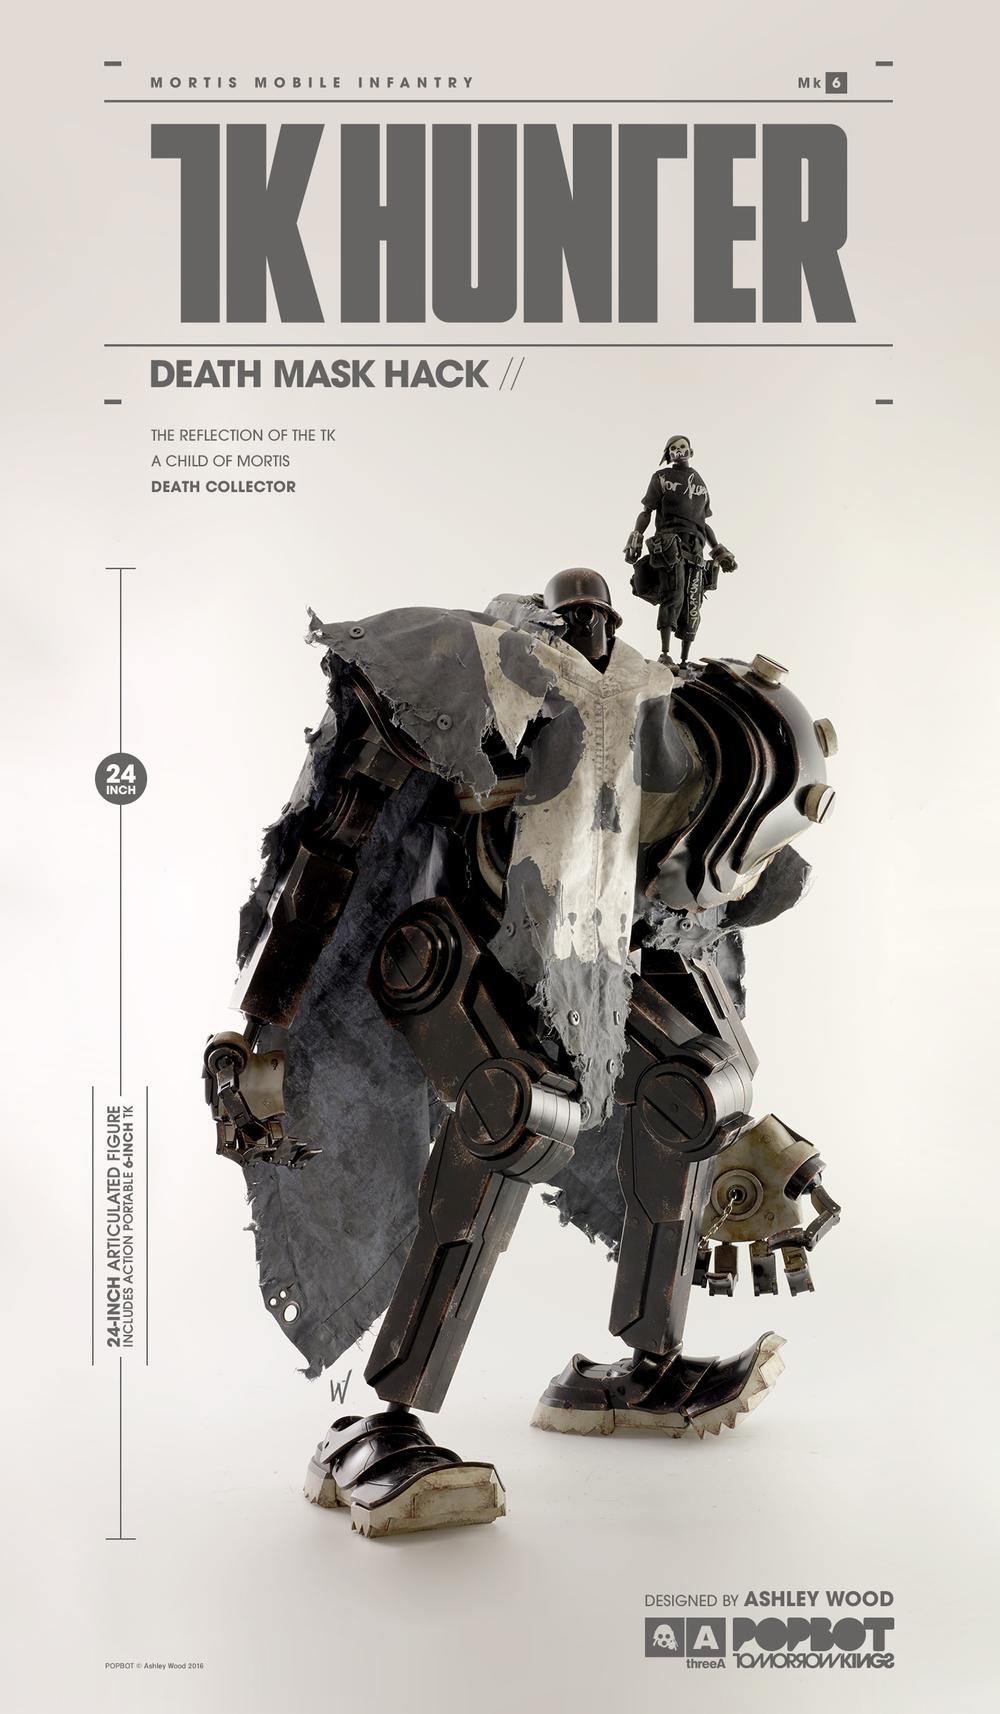 3A_Popbot_TKHunter_Ad_Vertical_DeathMaskHack_001.jpg